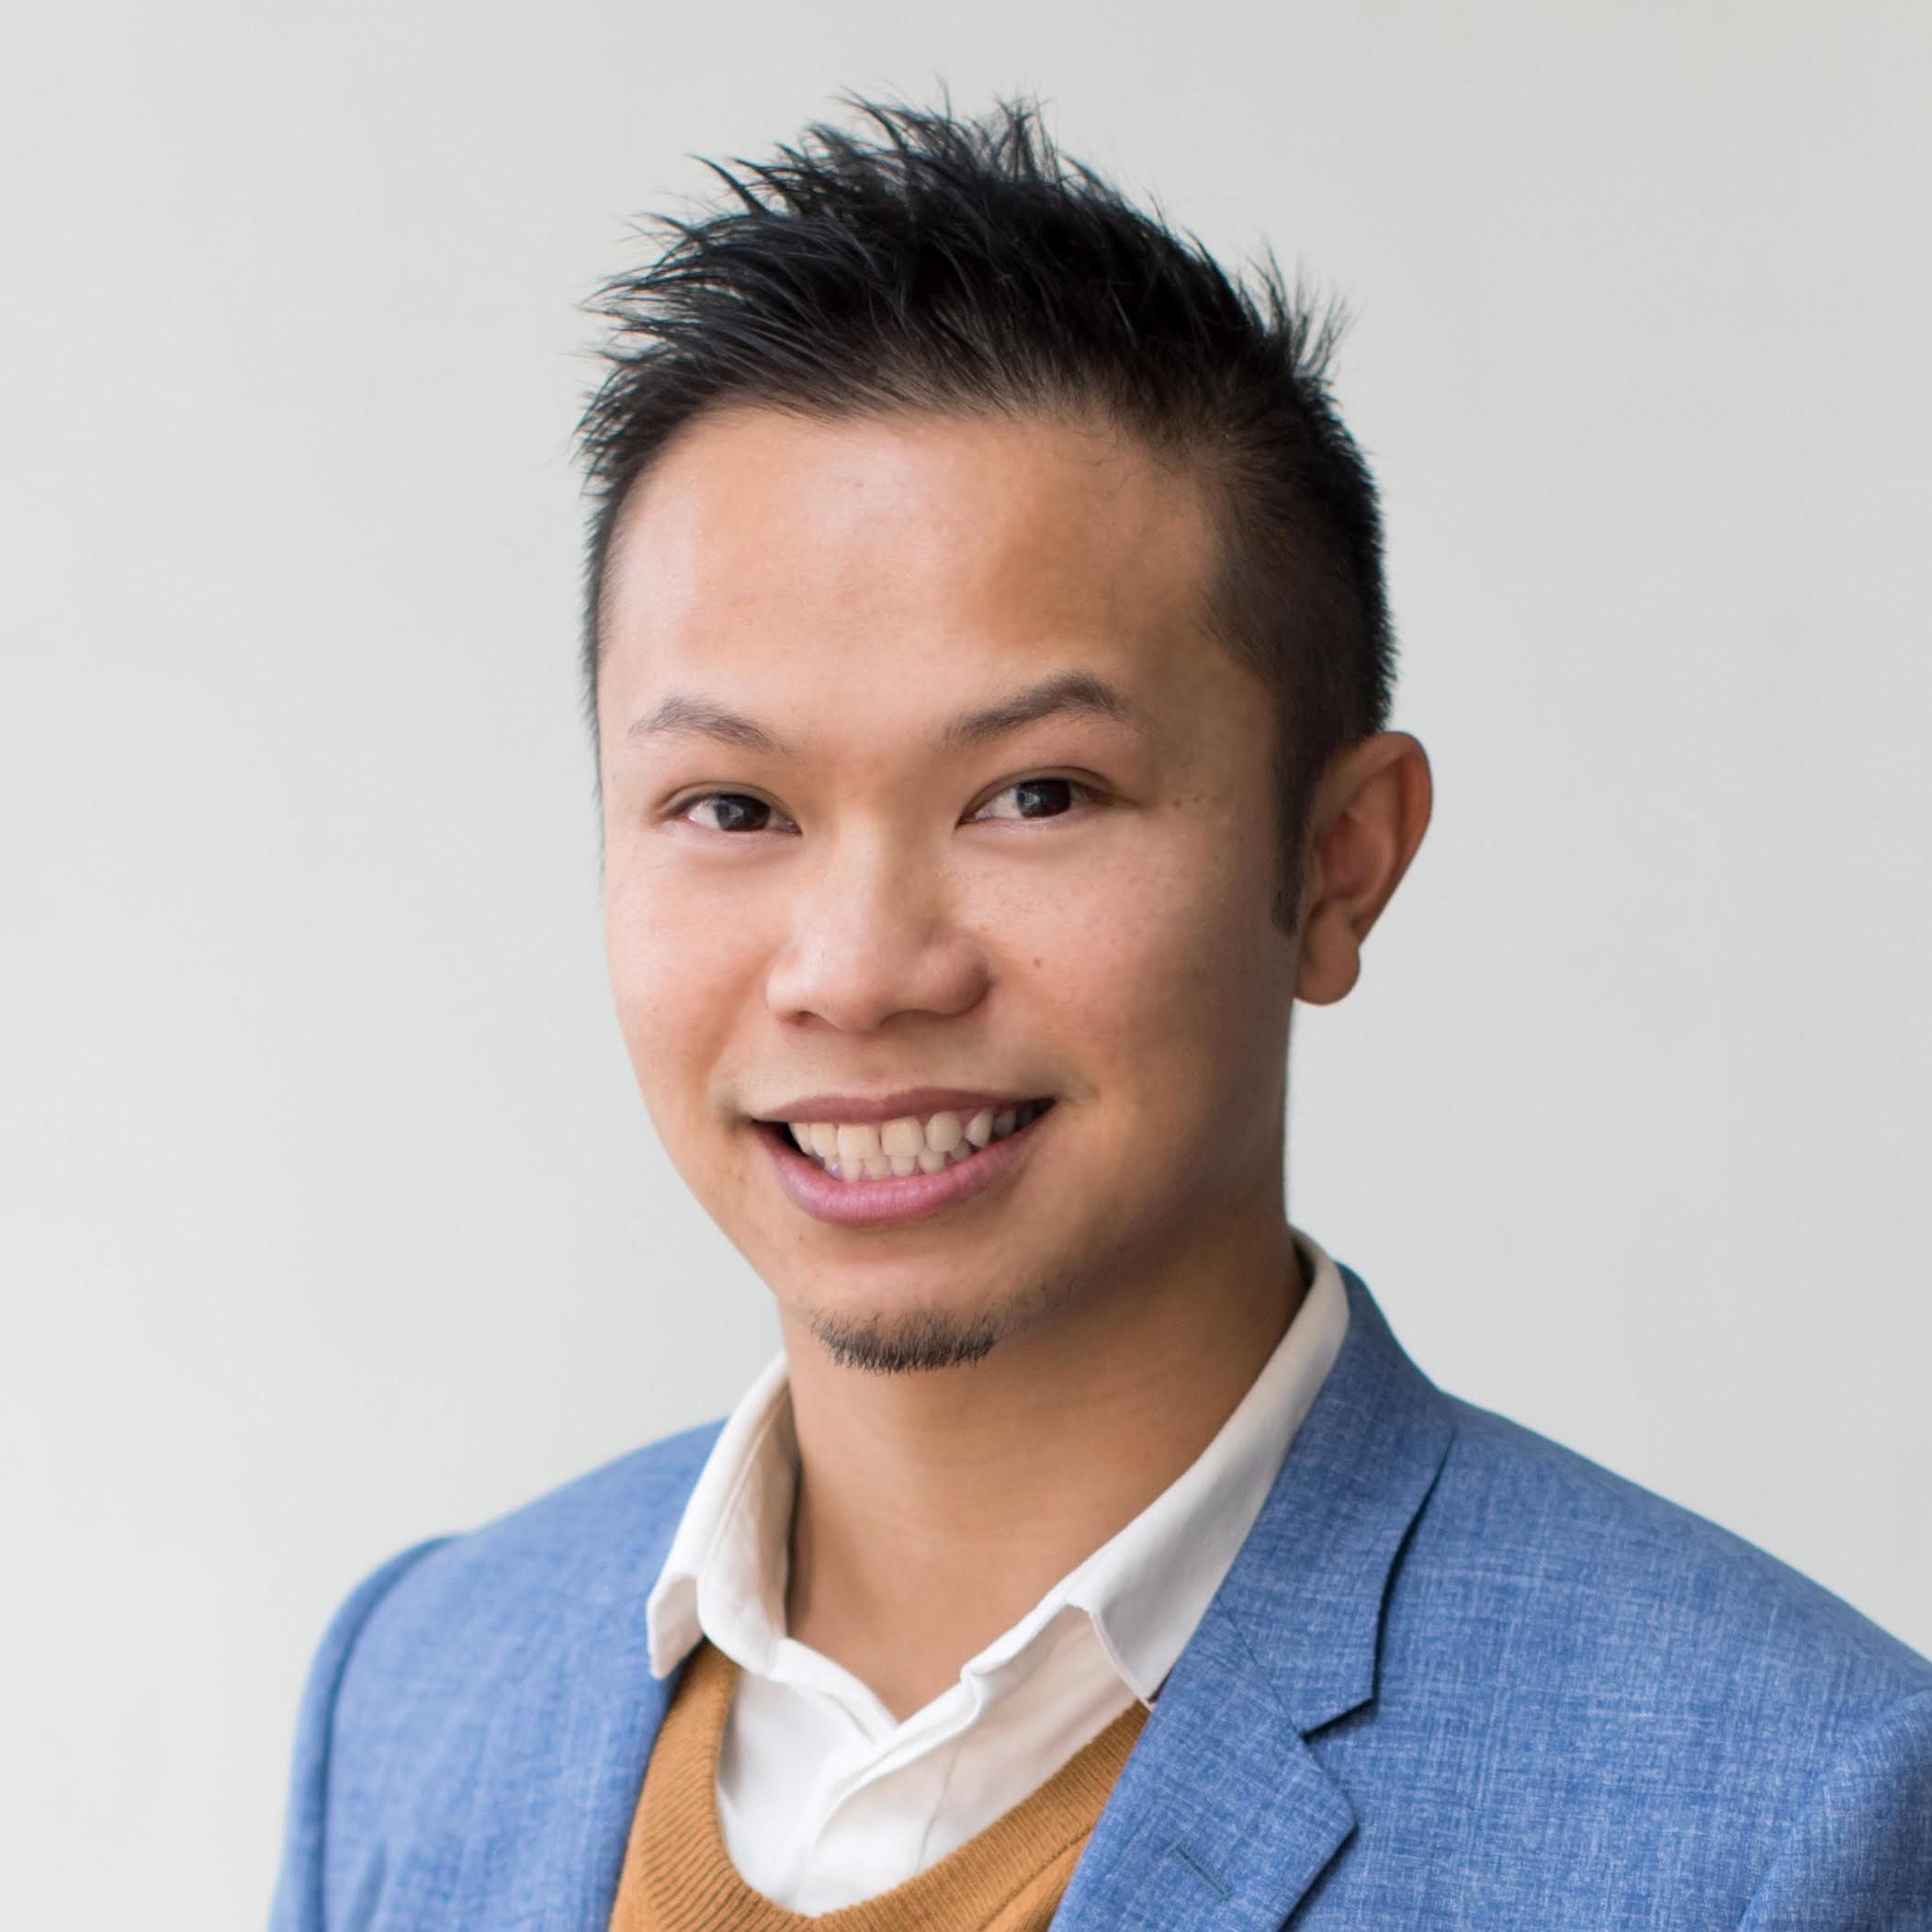 鄭恩民 (Justin Cheng)  金融科技與區塊鏈顧問